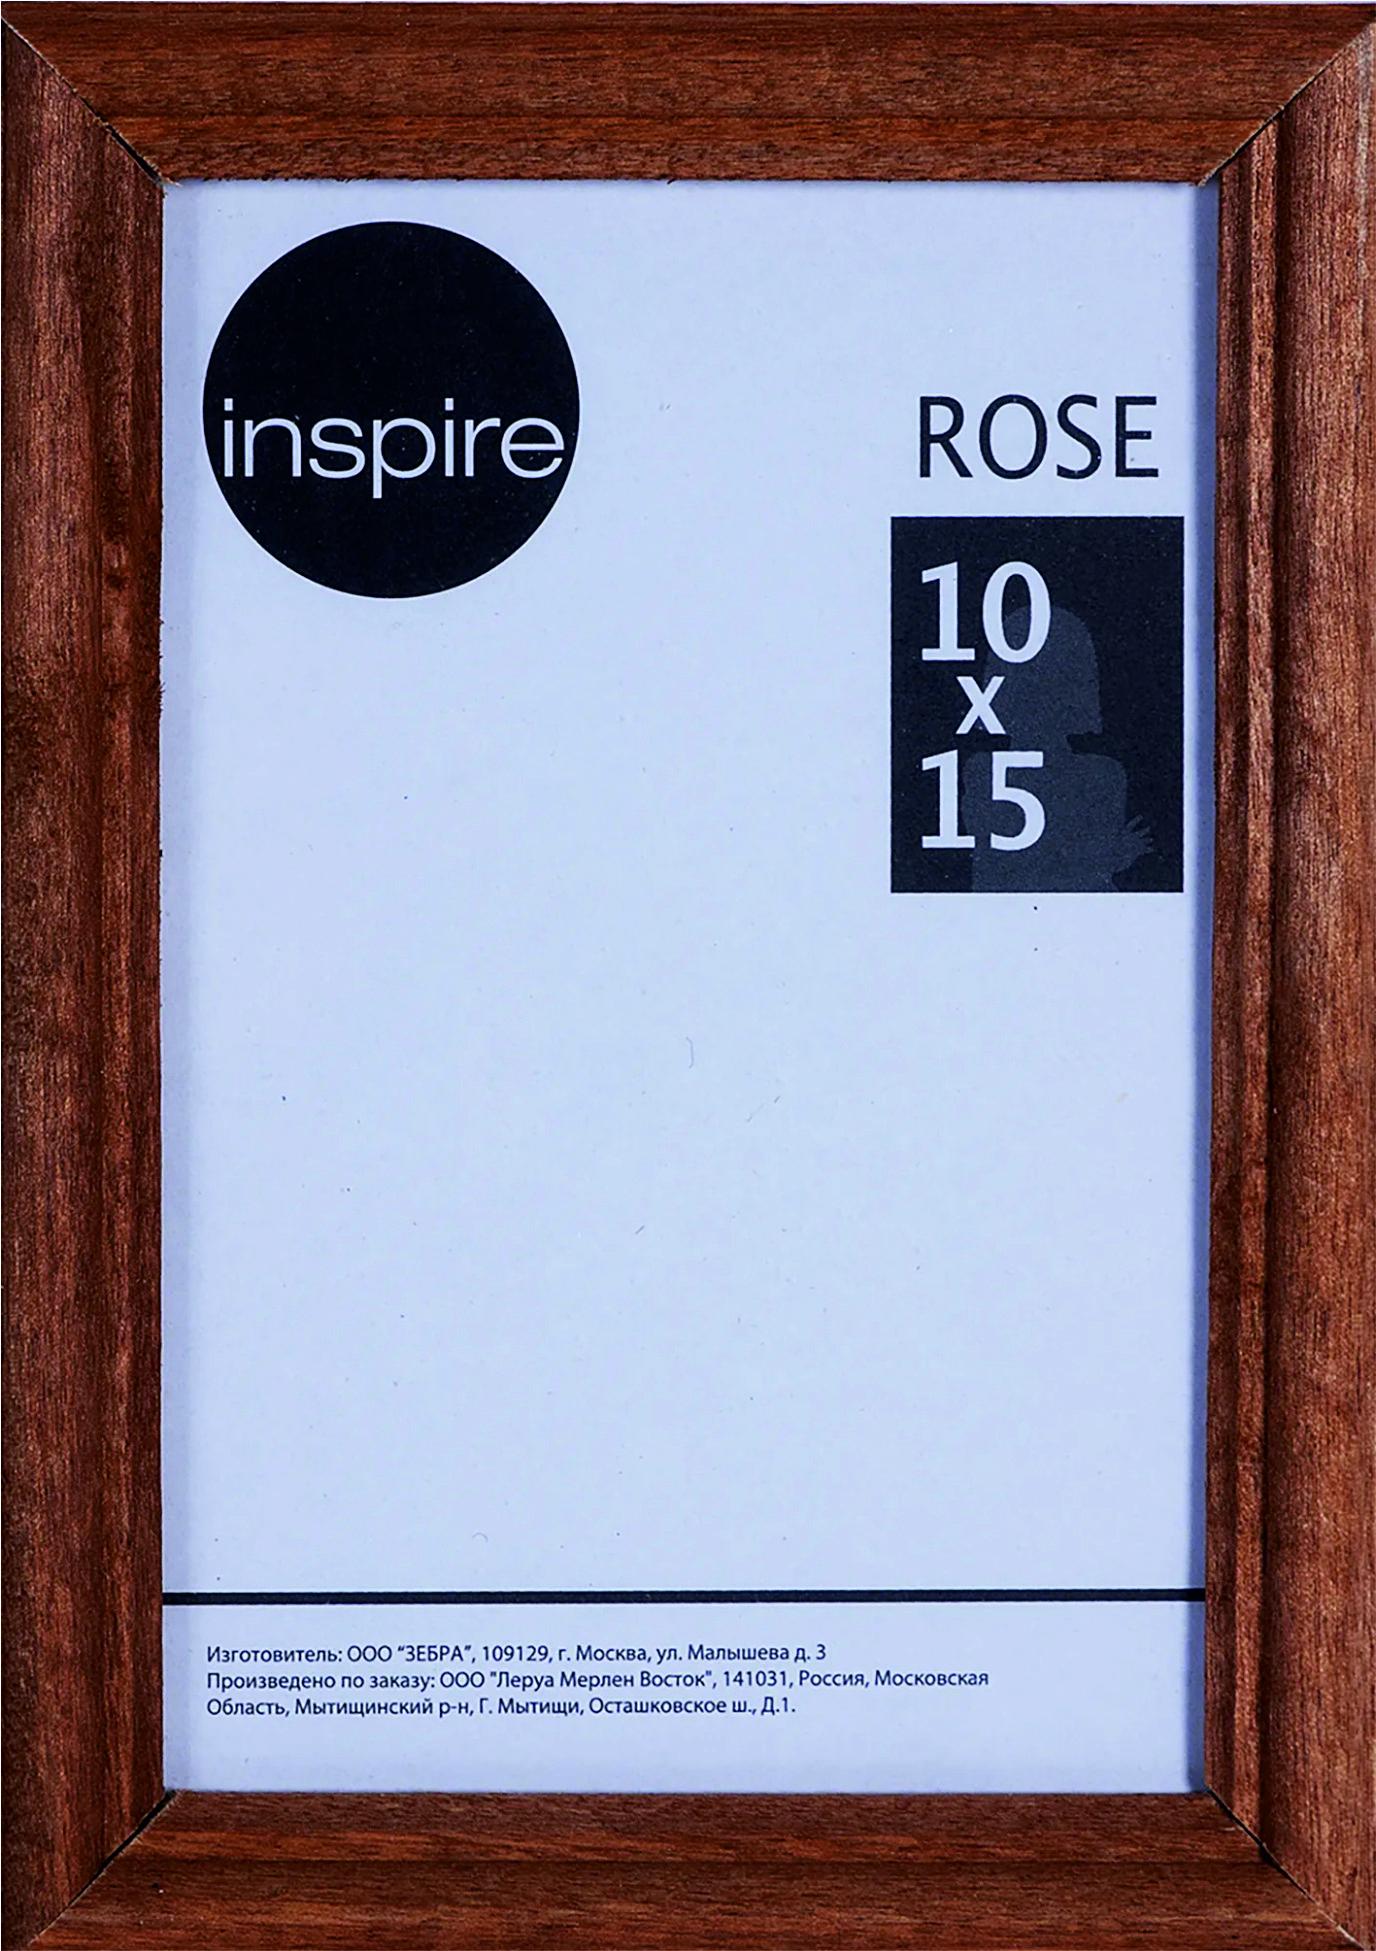 Деревянная фоторамка Rose 10x15